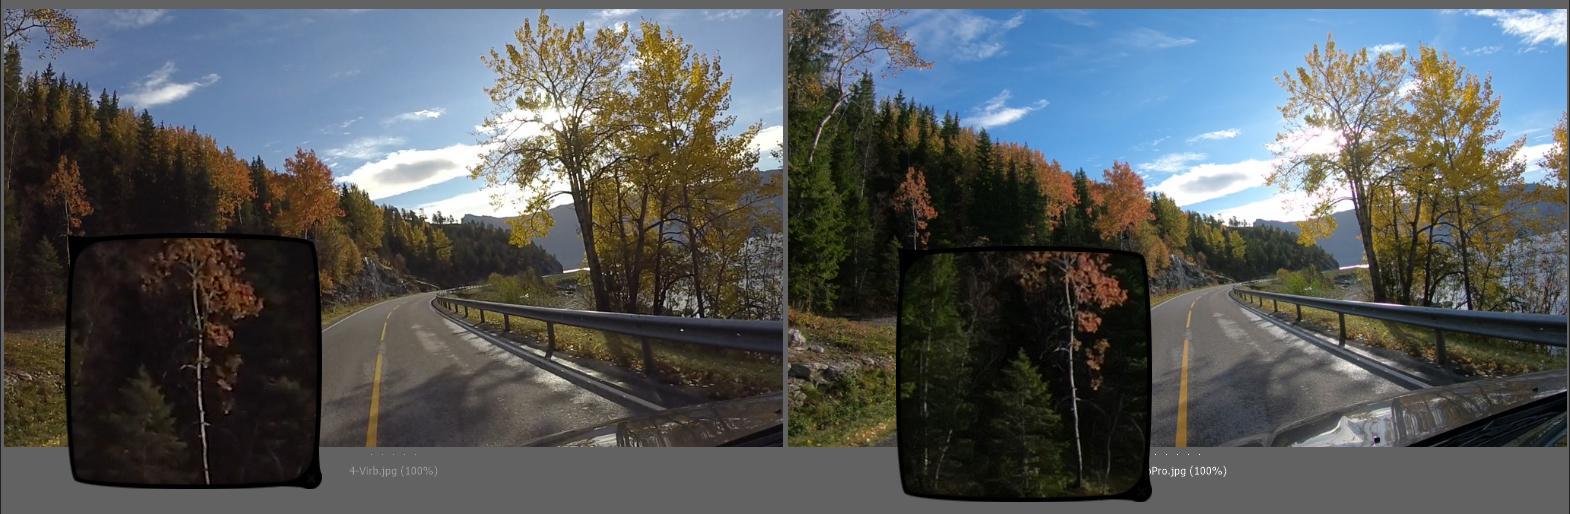 I full HD er det stort sett ganske likt, men innimellom ser vi eksempler på at GoPro er tydelig bedre, som i det forstørrende området av bildet over.